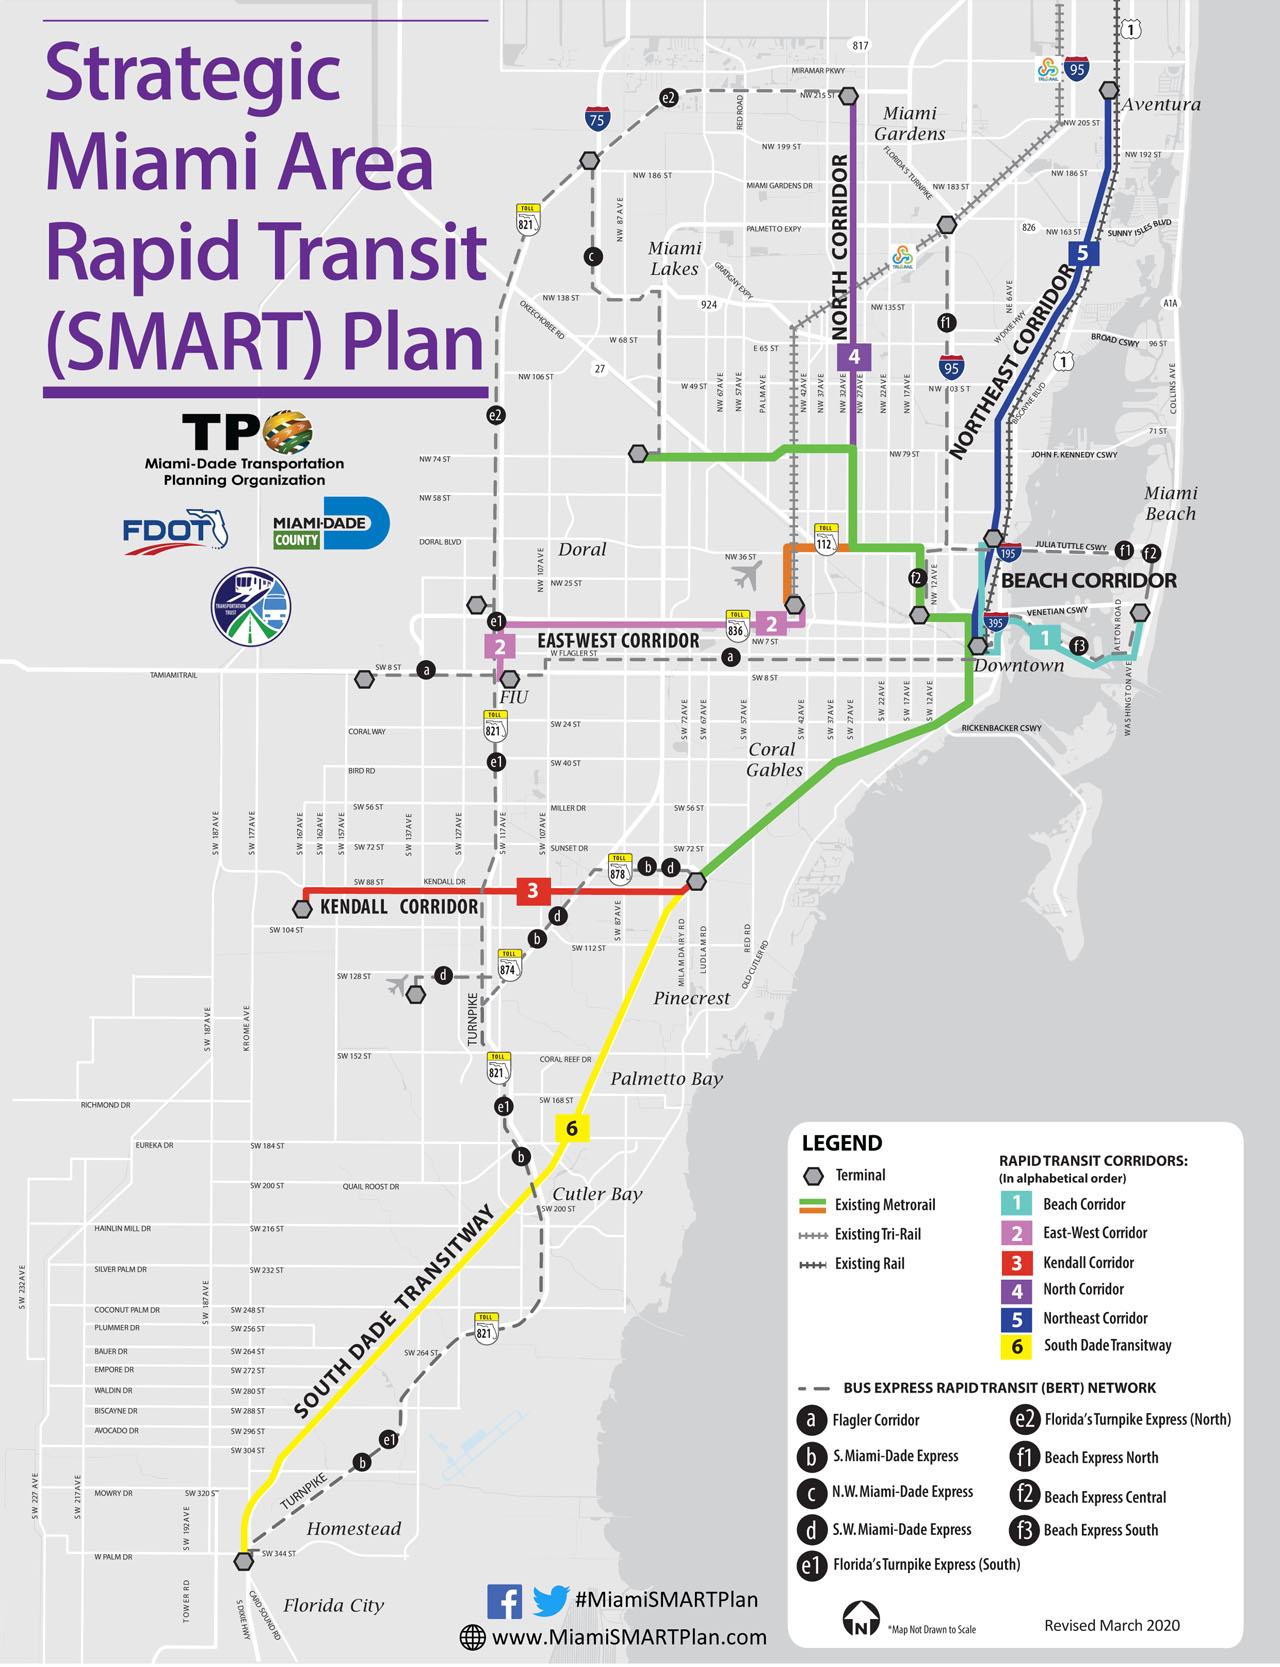 brightline talks continue for new miami-dade commuter rail